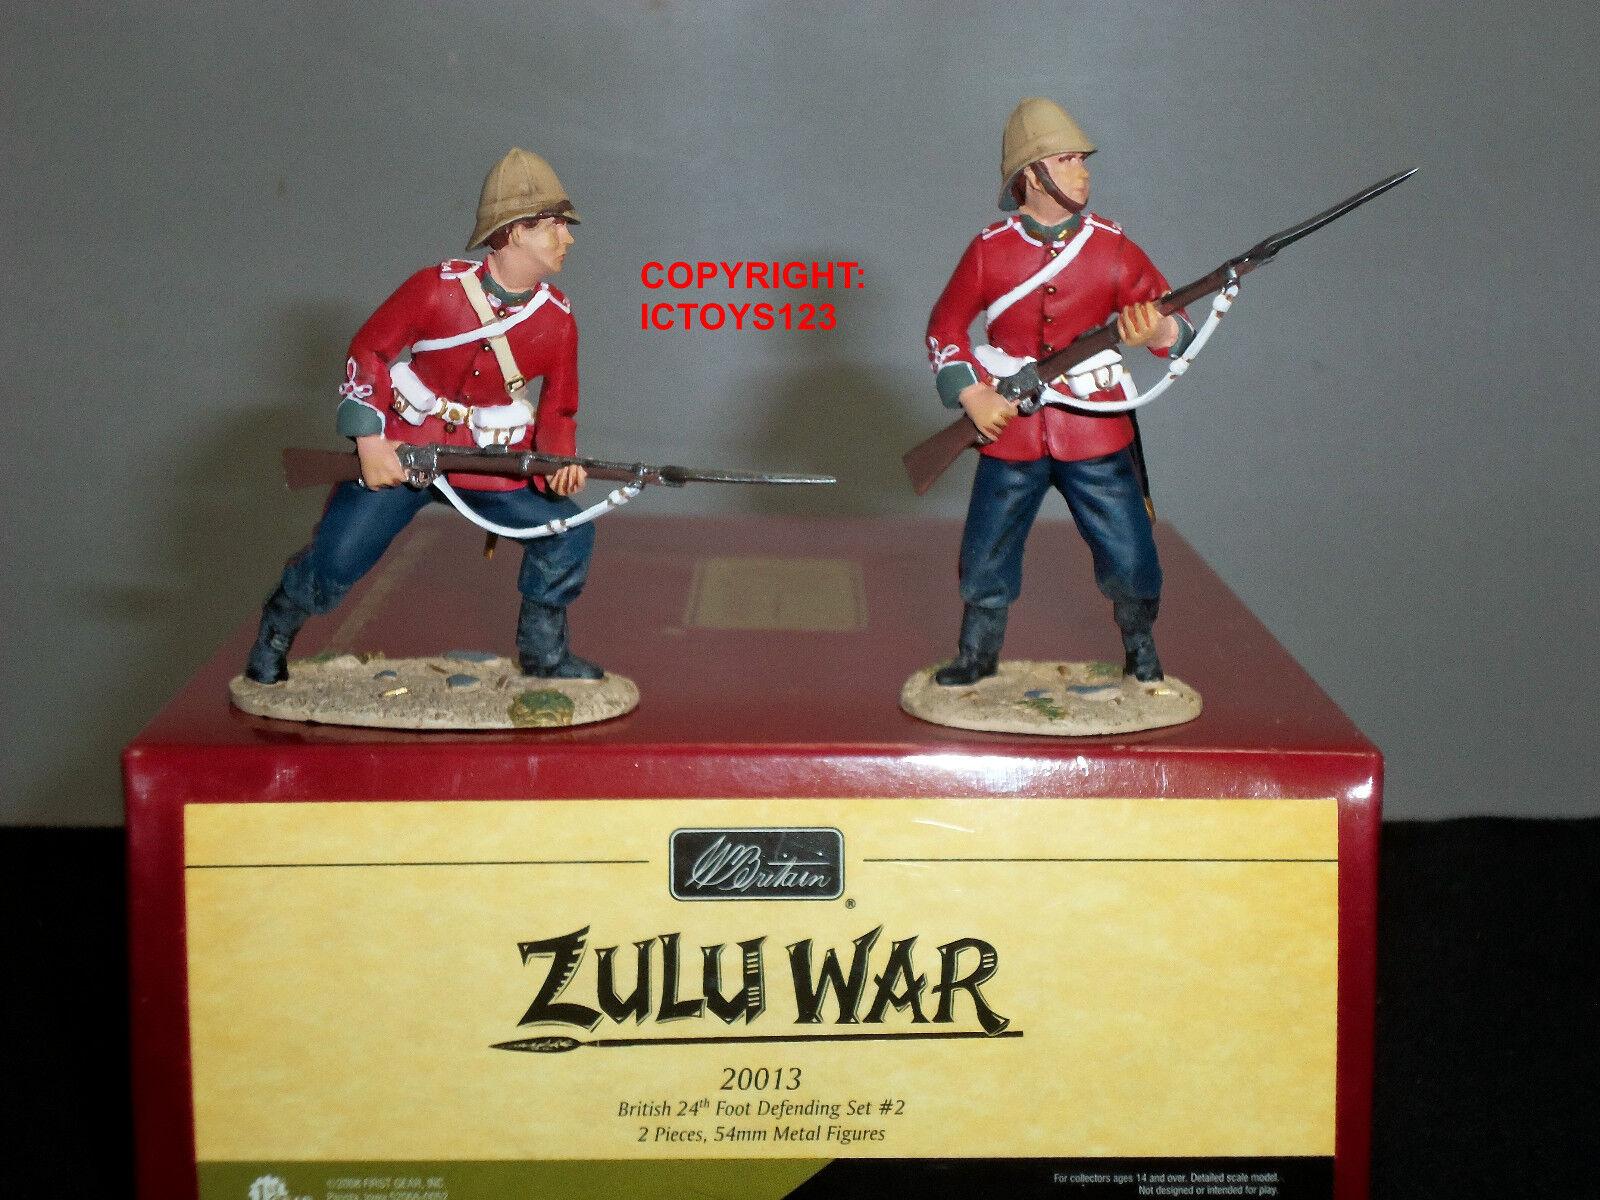 BRITAINS 20013 ZULU WAR BRITISH 24TH FOOT TOY SOLDIER FIGURE DEFENDING SET 2